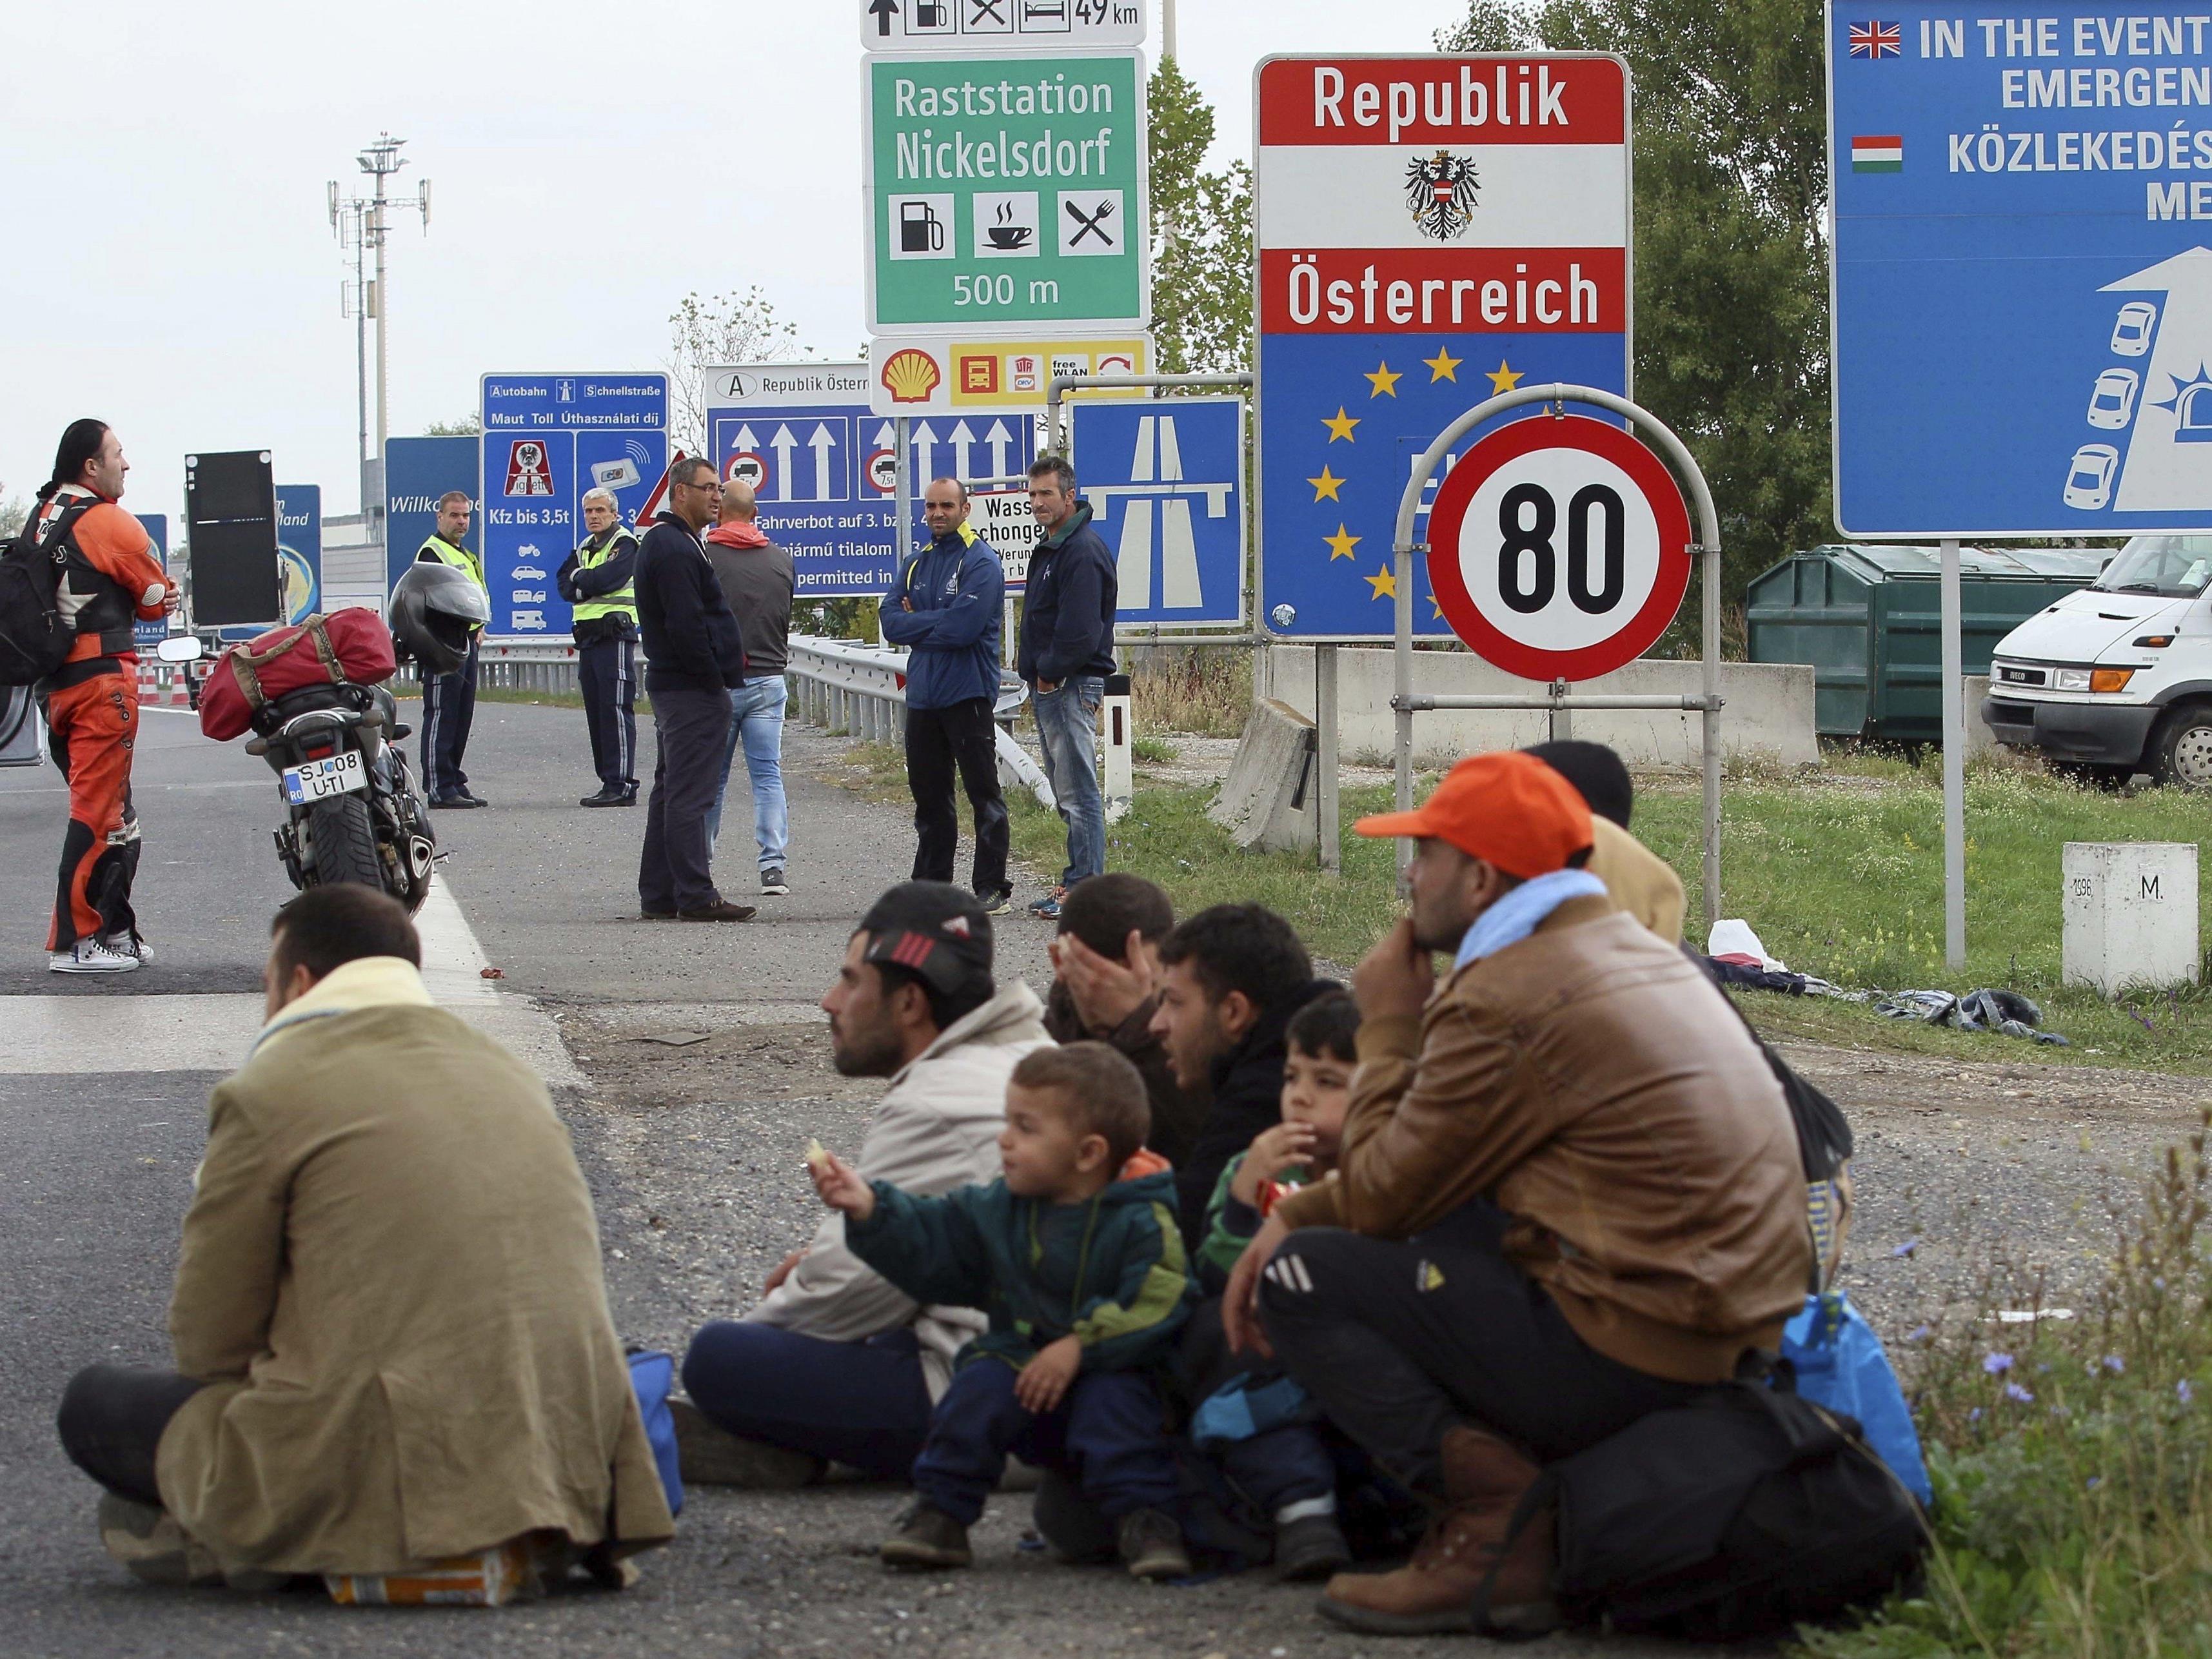 Österreich mit hoher Anerkennungsrate von 72 Prozent - Ungarn Schlusslicht mit acht Prozent.